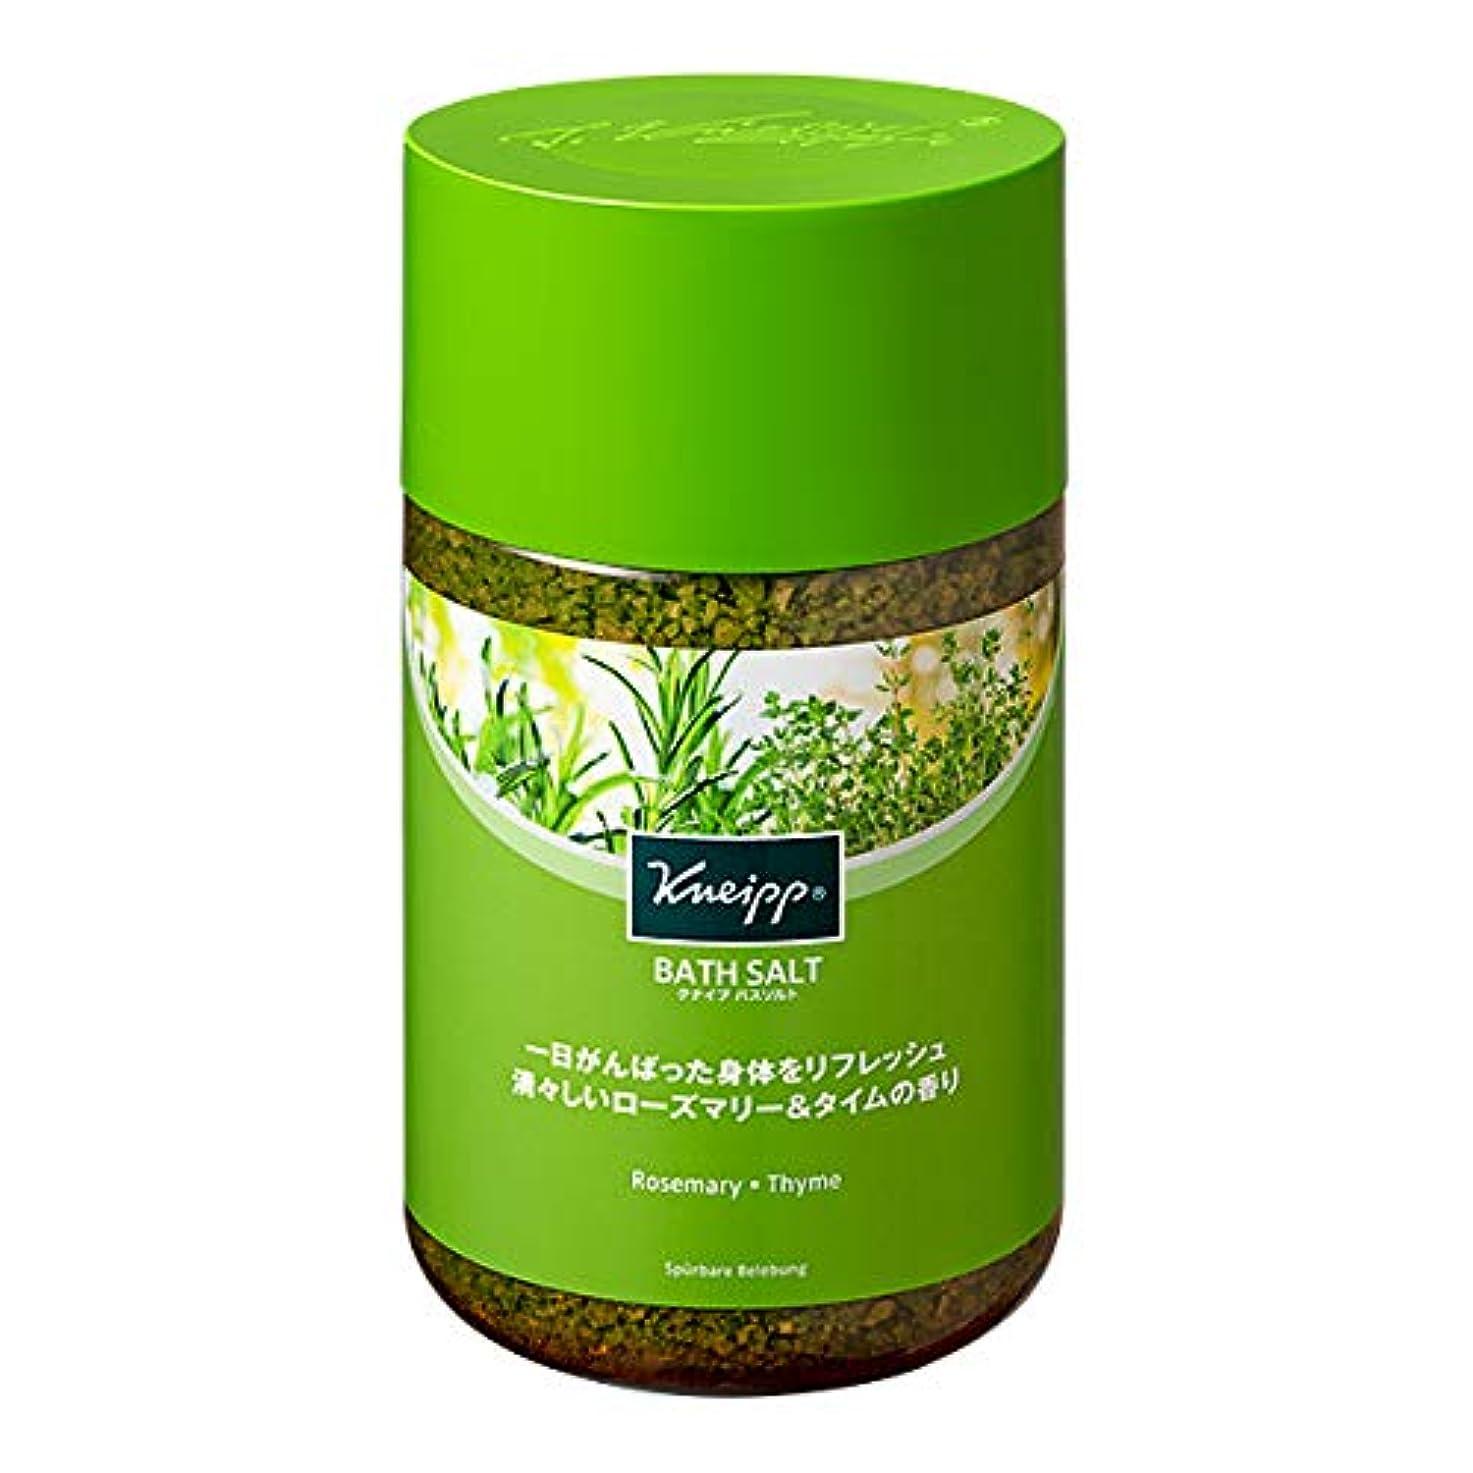 燃やす合理化確立しますクナイプ(Kneipp) クナイプ バスソルト ローズマリー&タイムの香り850g 入浴剤